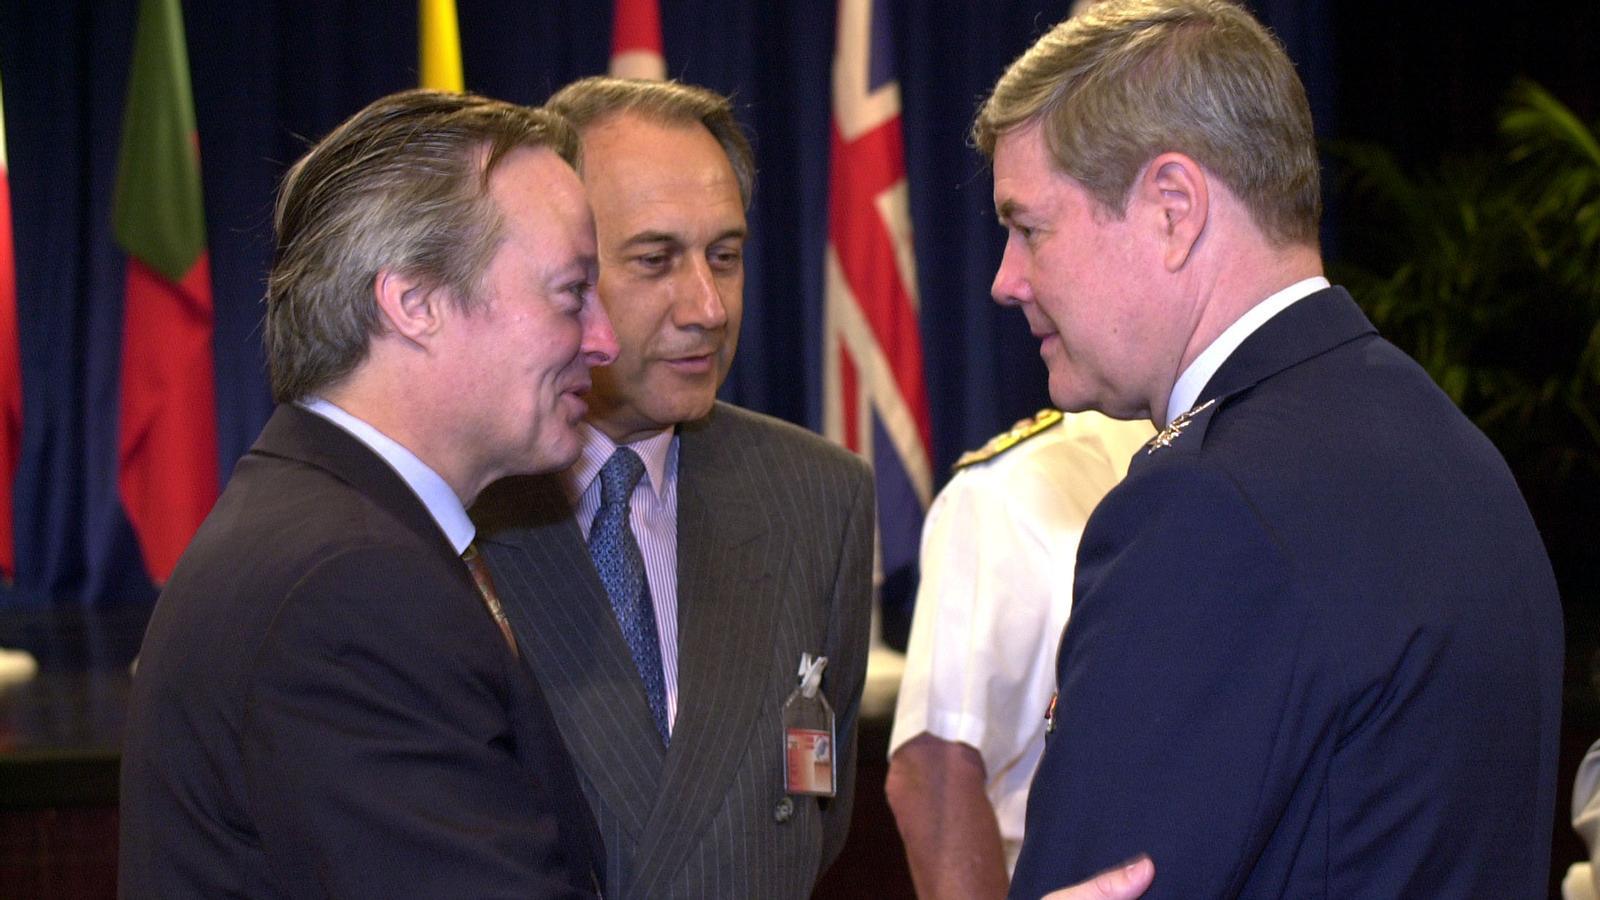 Juan Prat va acompanyar Josep Piqué quan era ministre d'Exteriors  a una cimera de l'OTAN celebrada a Budapest el maig del 2001.